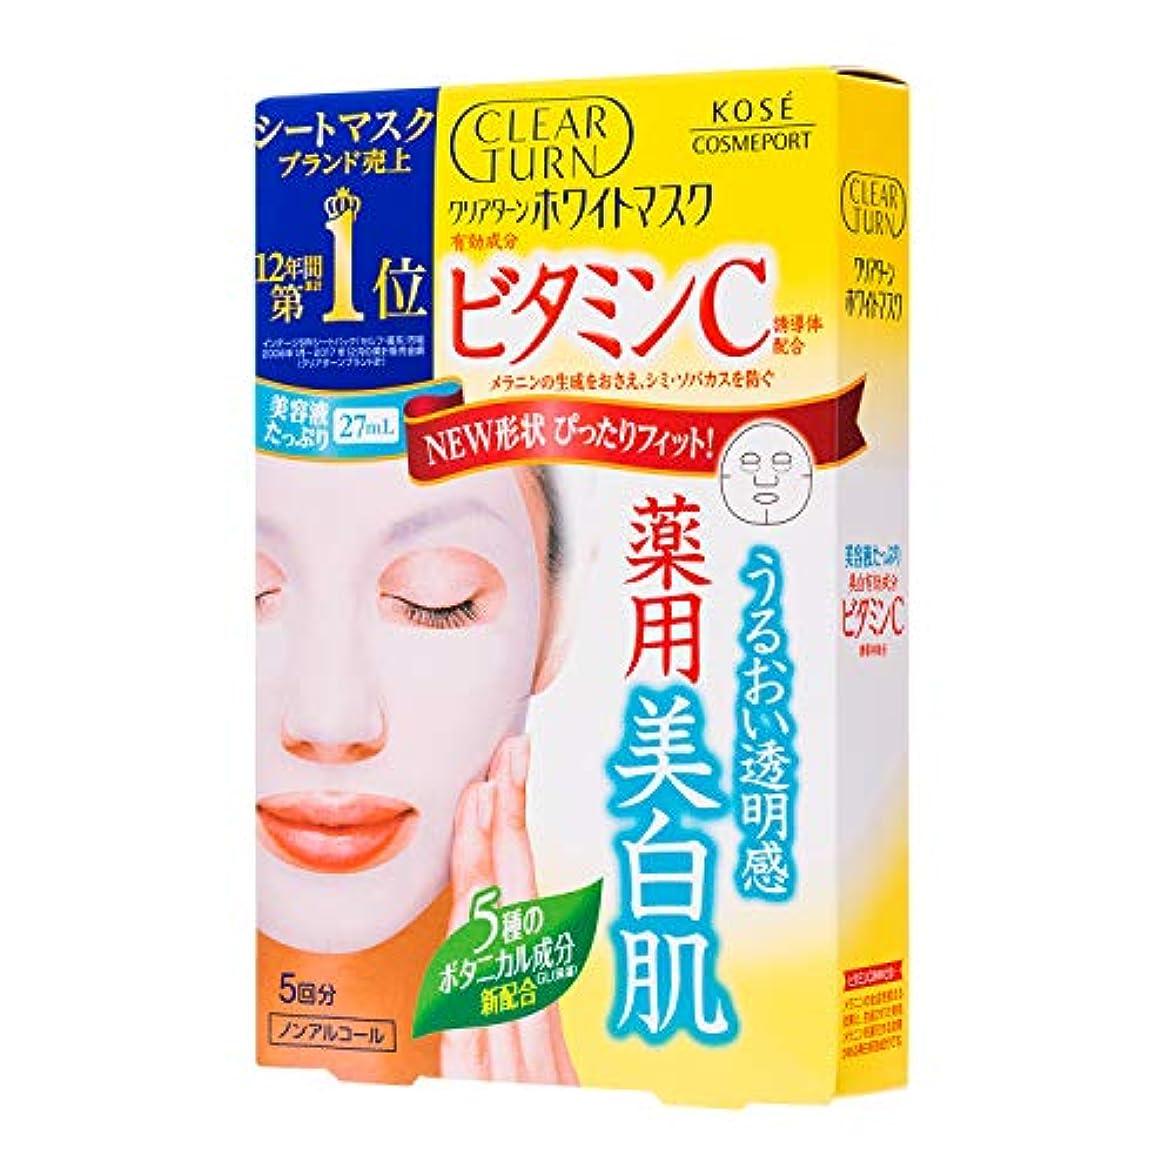 バーガー友だちパキスタンKOSE コーセー クリアターン ホワイト マスク VC (ビタミンC) 5枚 フェイスマスク